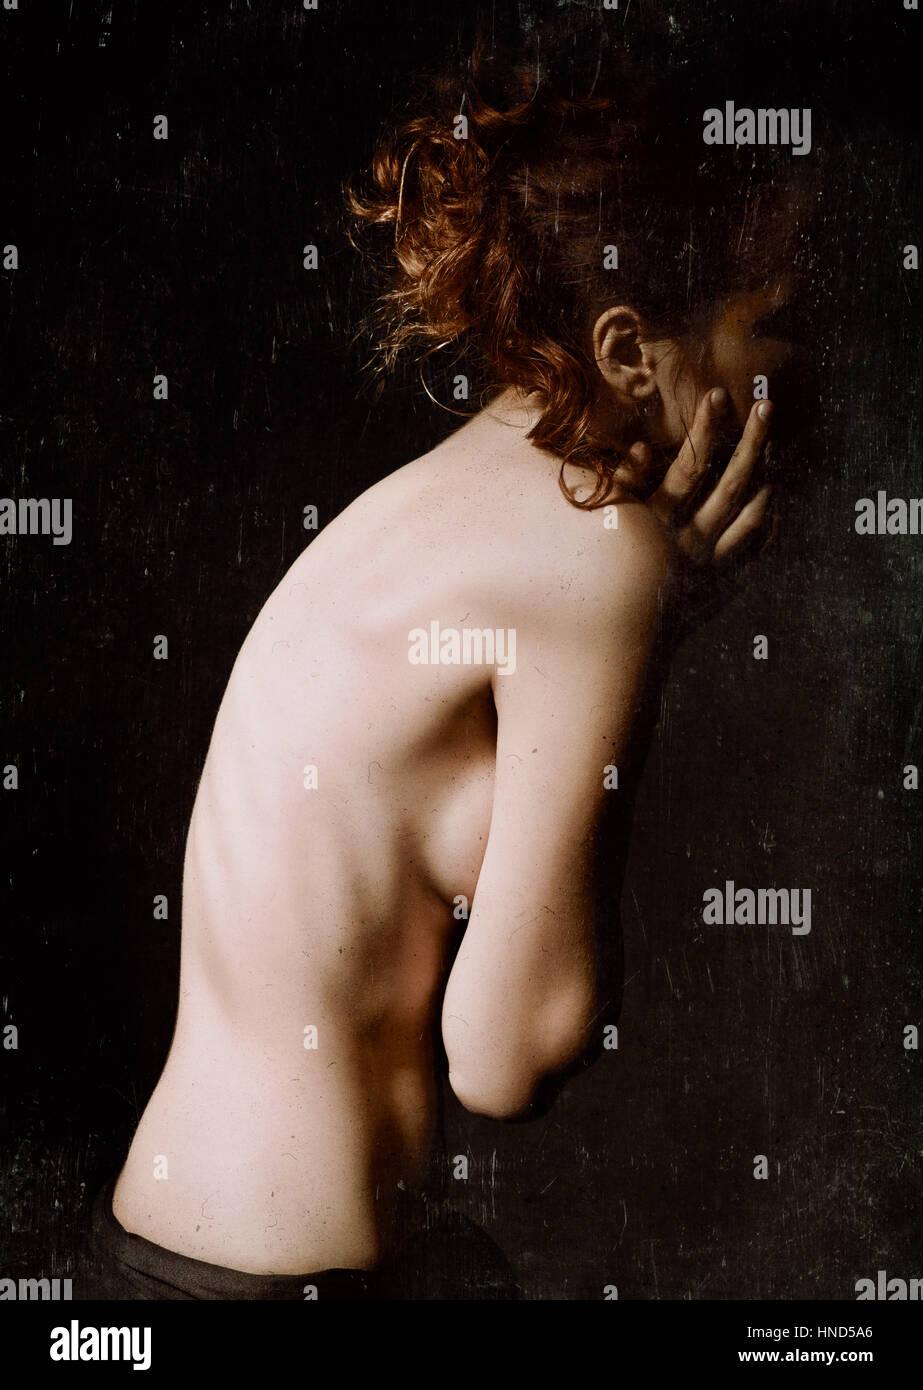 Sombre portrait d'une jeune femme parmi l'obscurité. Effet texture Grunge Banque D'Images